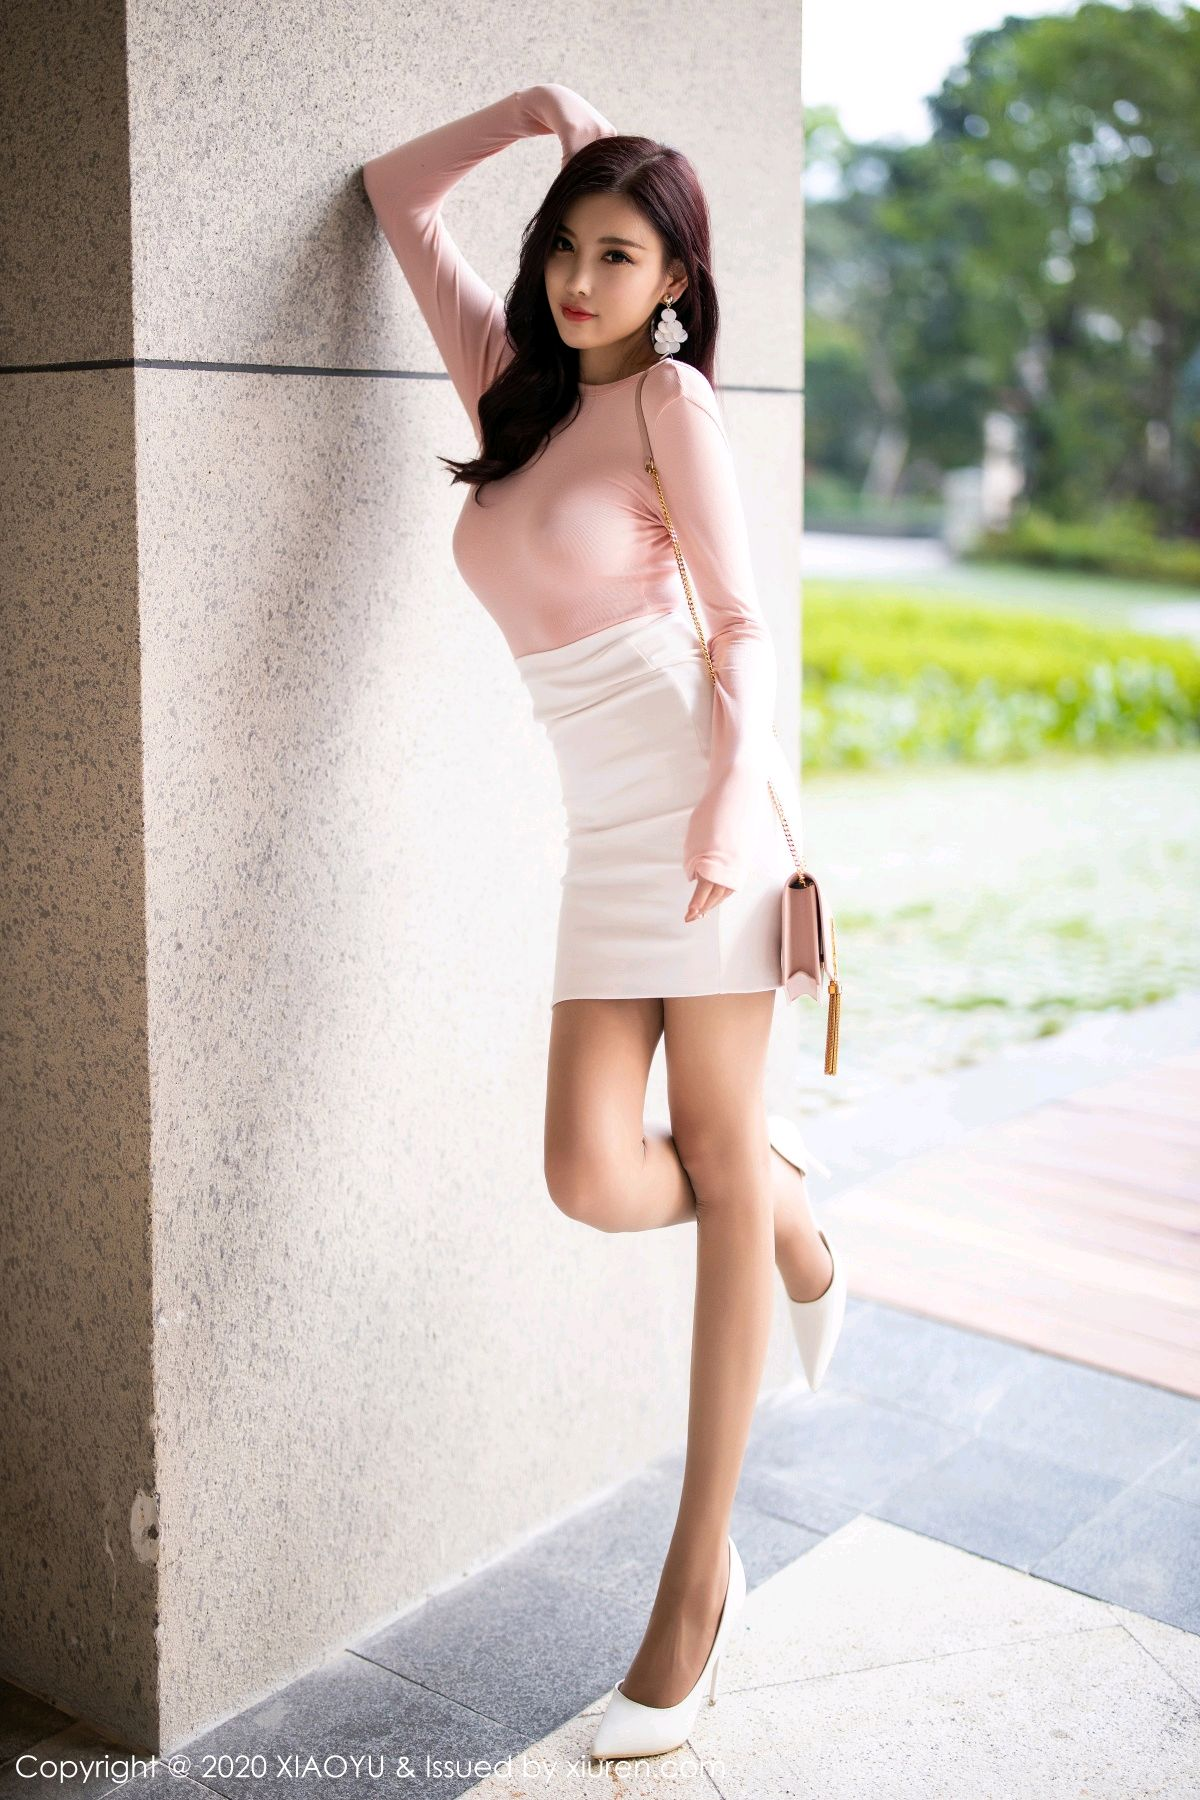 [XiaoYu] Vol.310 Yang Chen Chen 45P, Street, XiaoYu, Yang Chen Chen